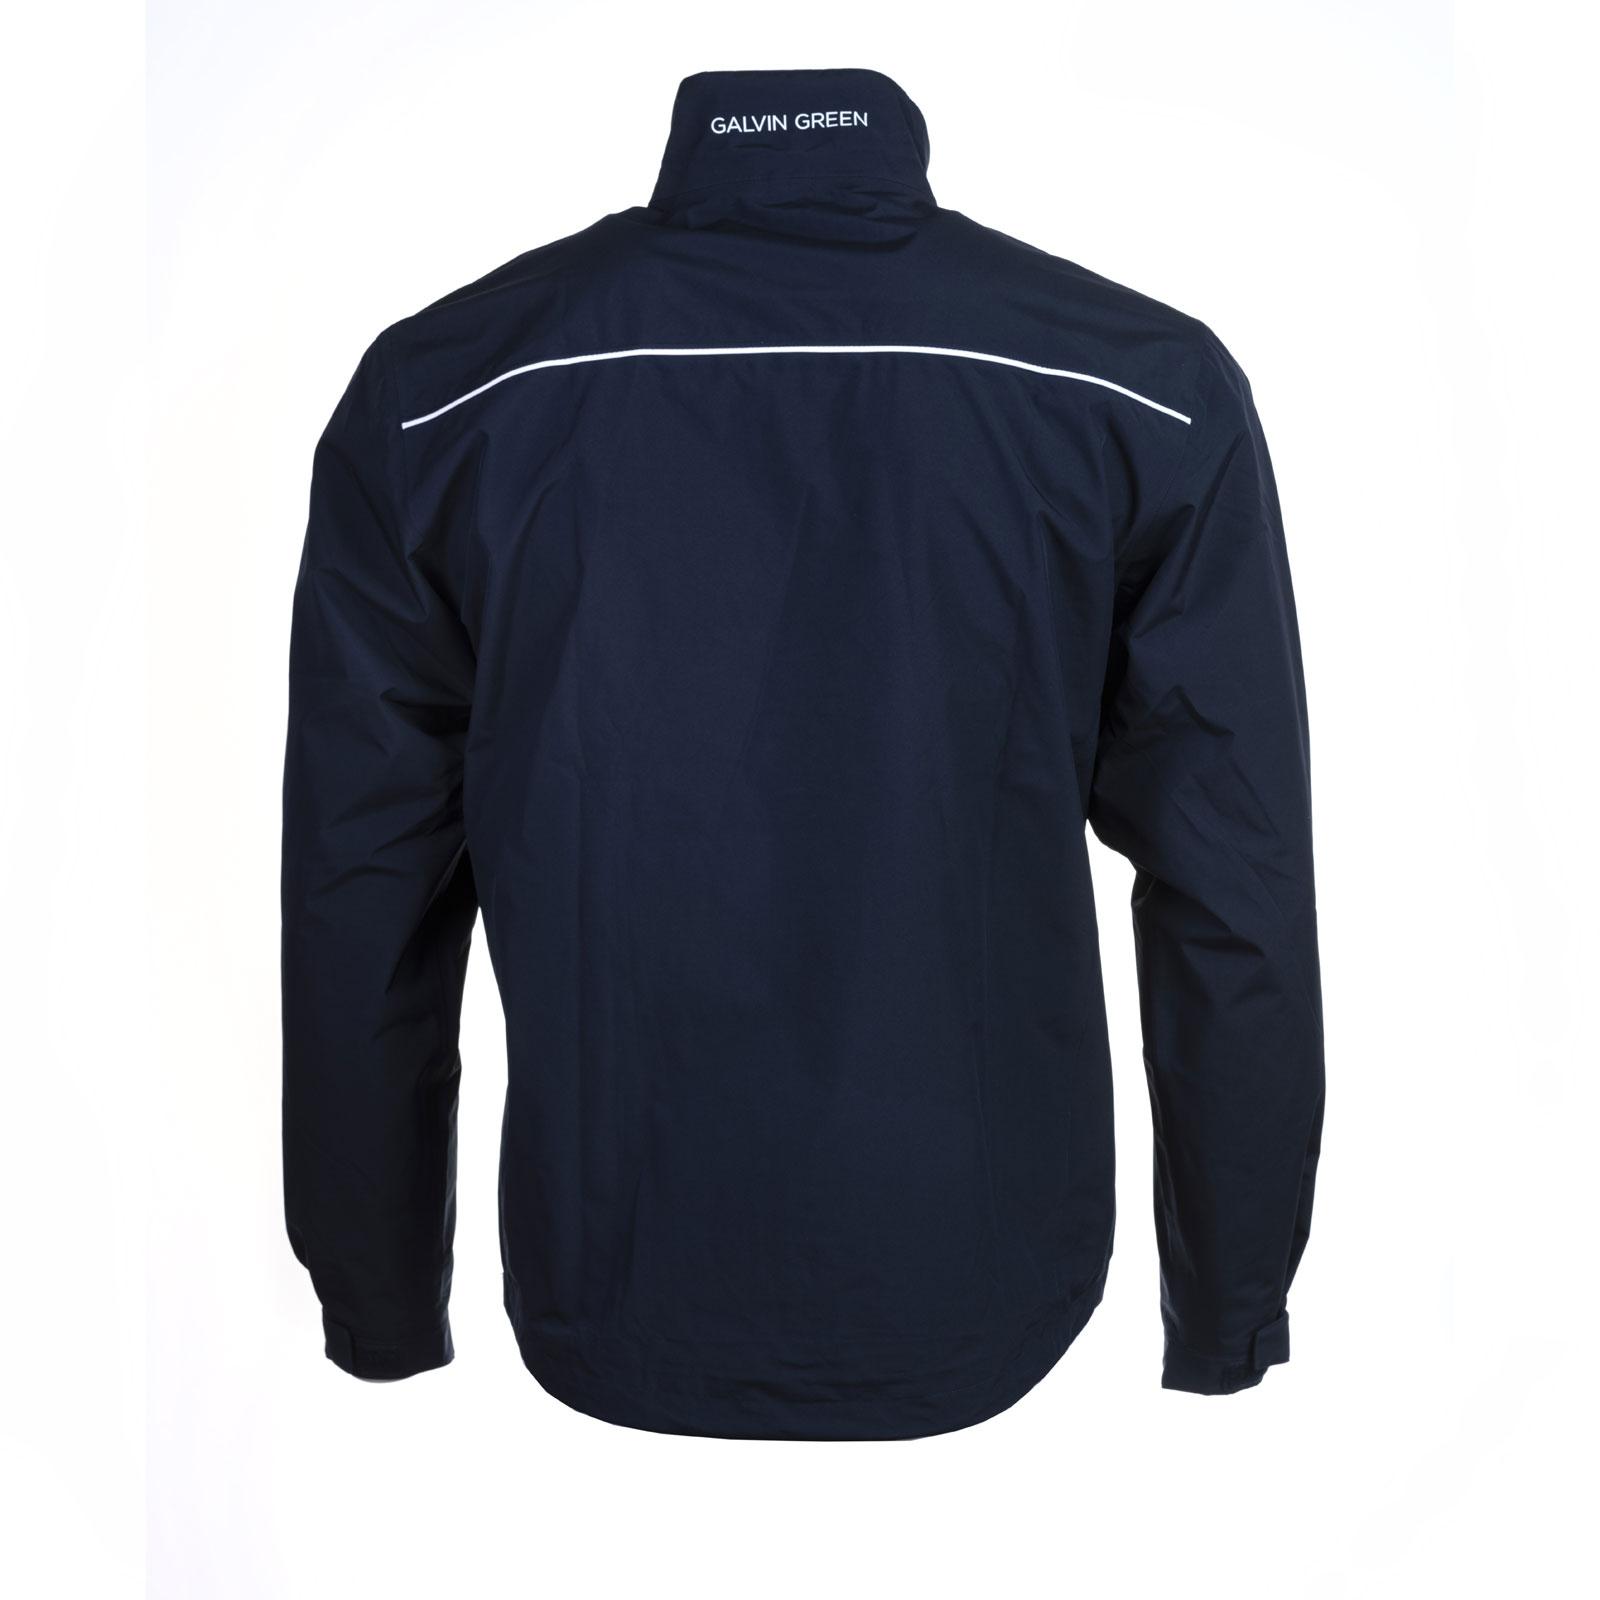 Aldo Gore Tex Jacket Royal Dornoch Pro Shop